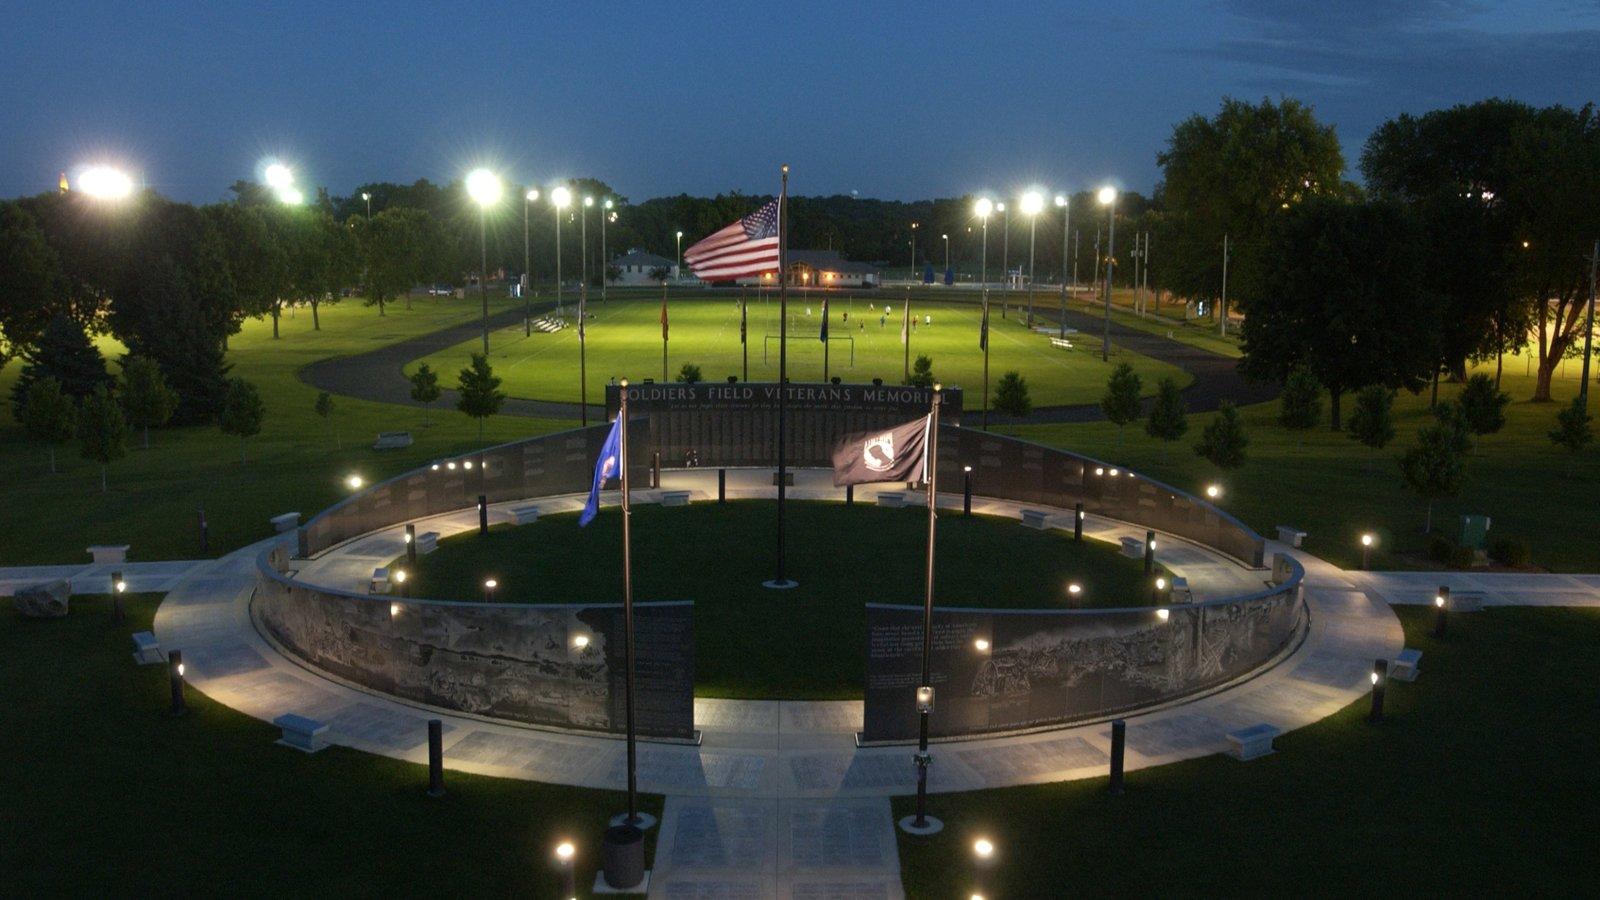 Rochester mostrando itens militares, um jardim e cenas noturnas